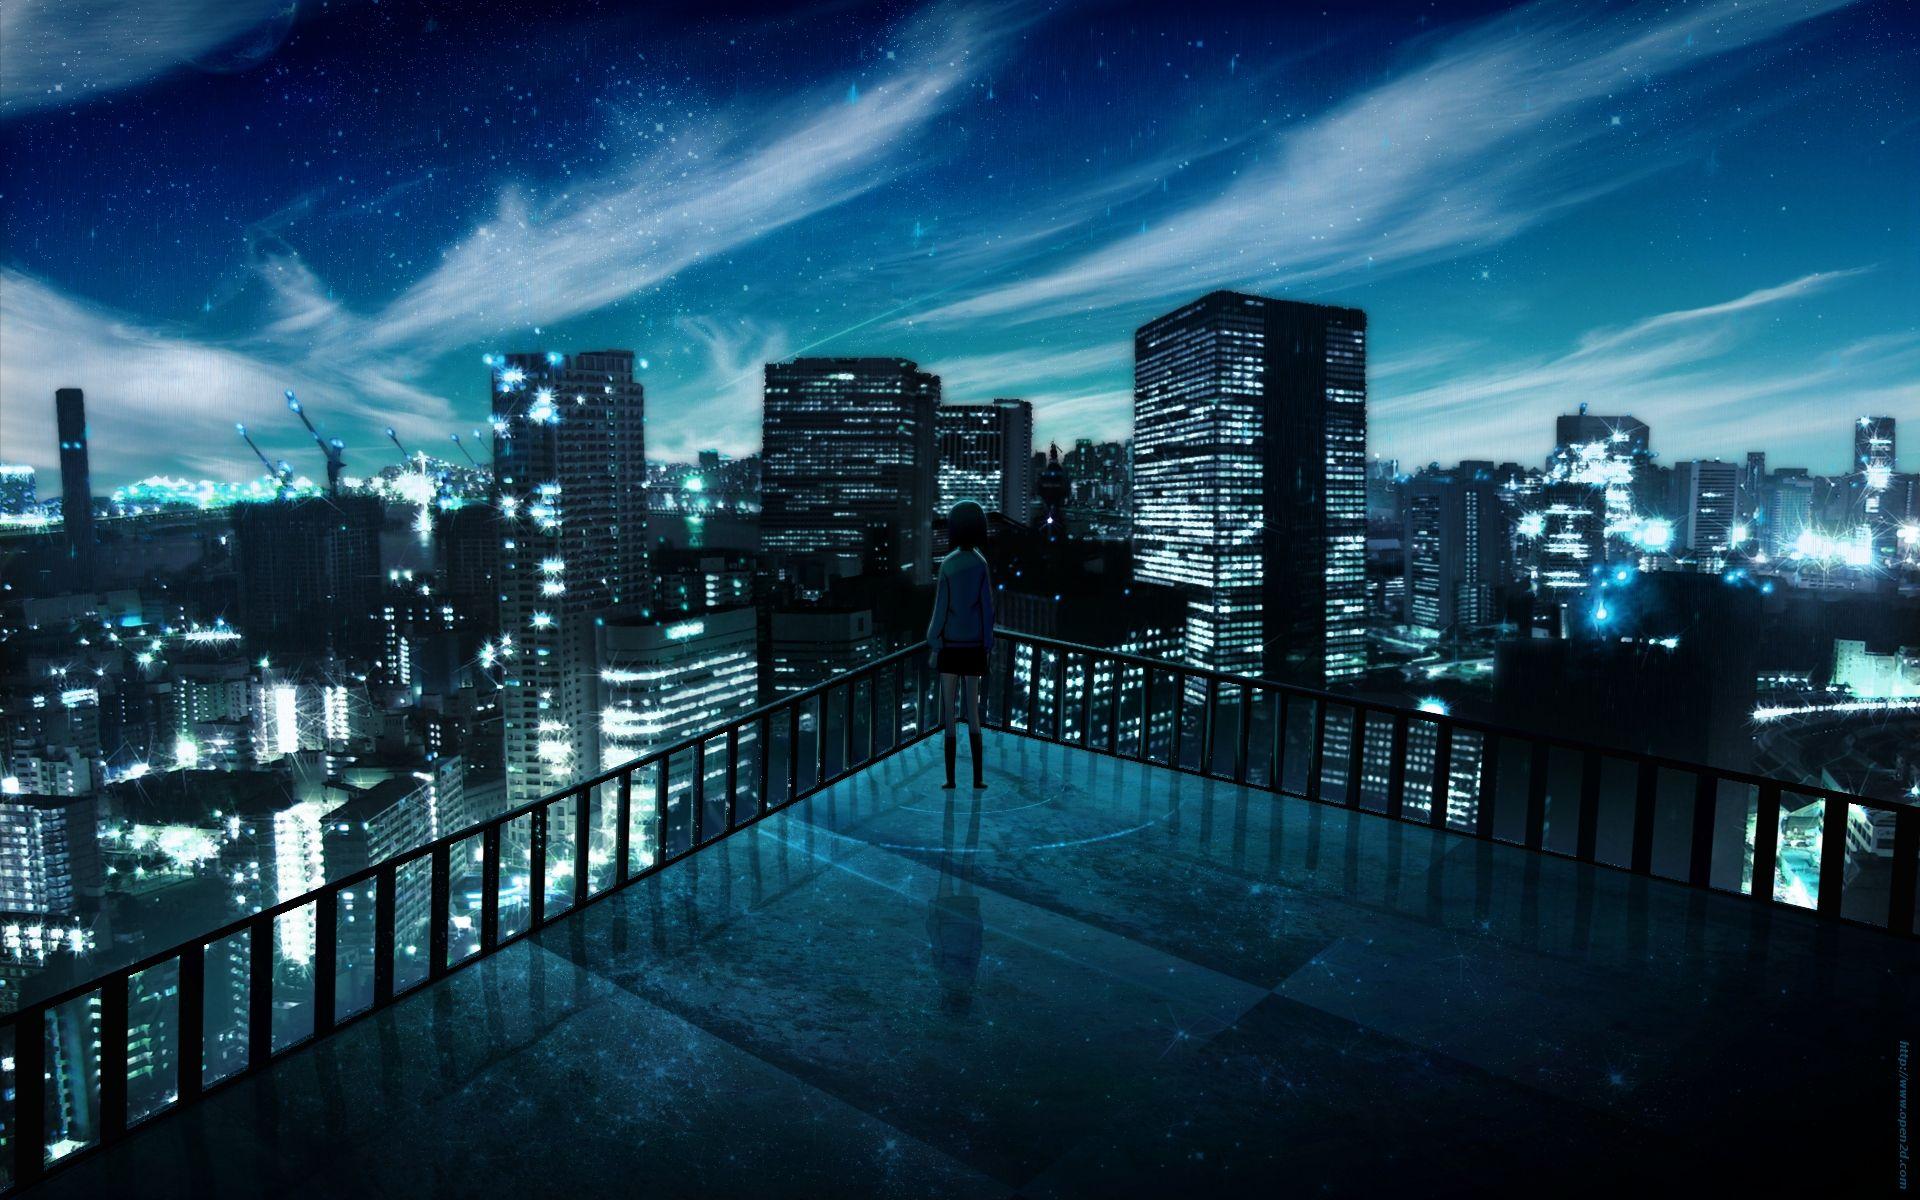 city night art hd - photo #10